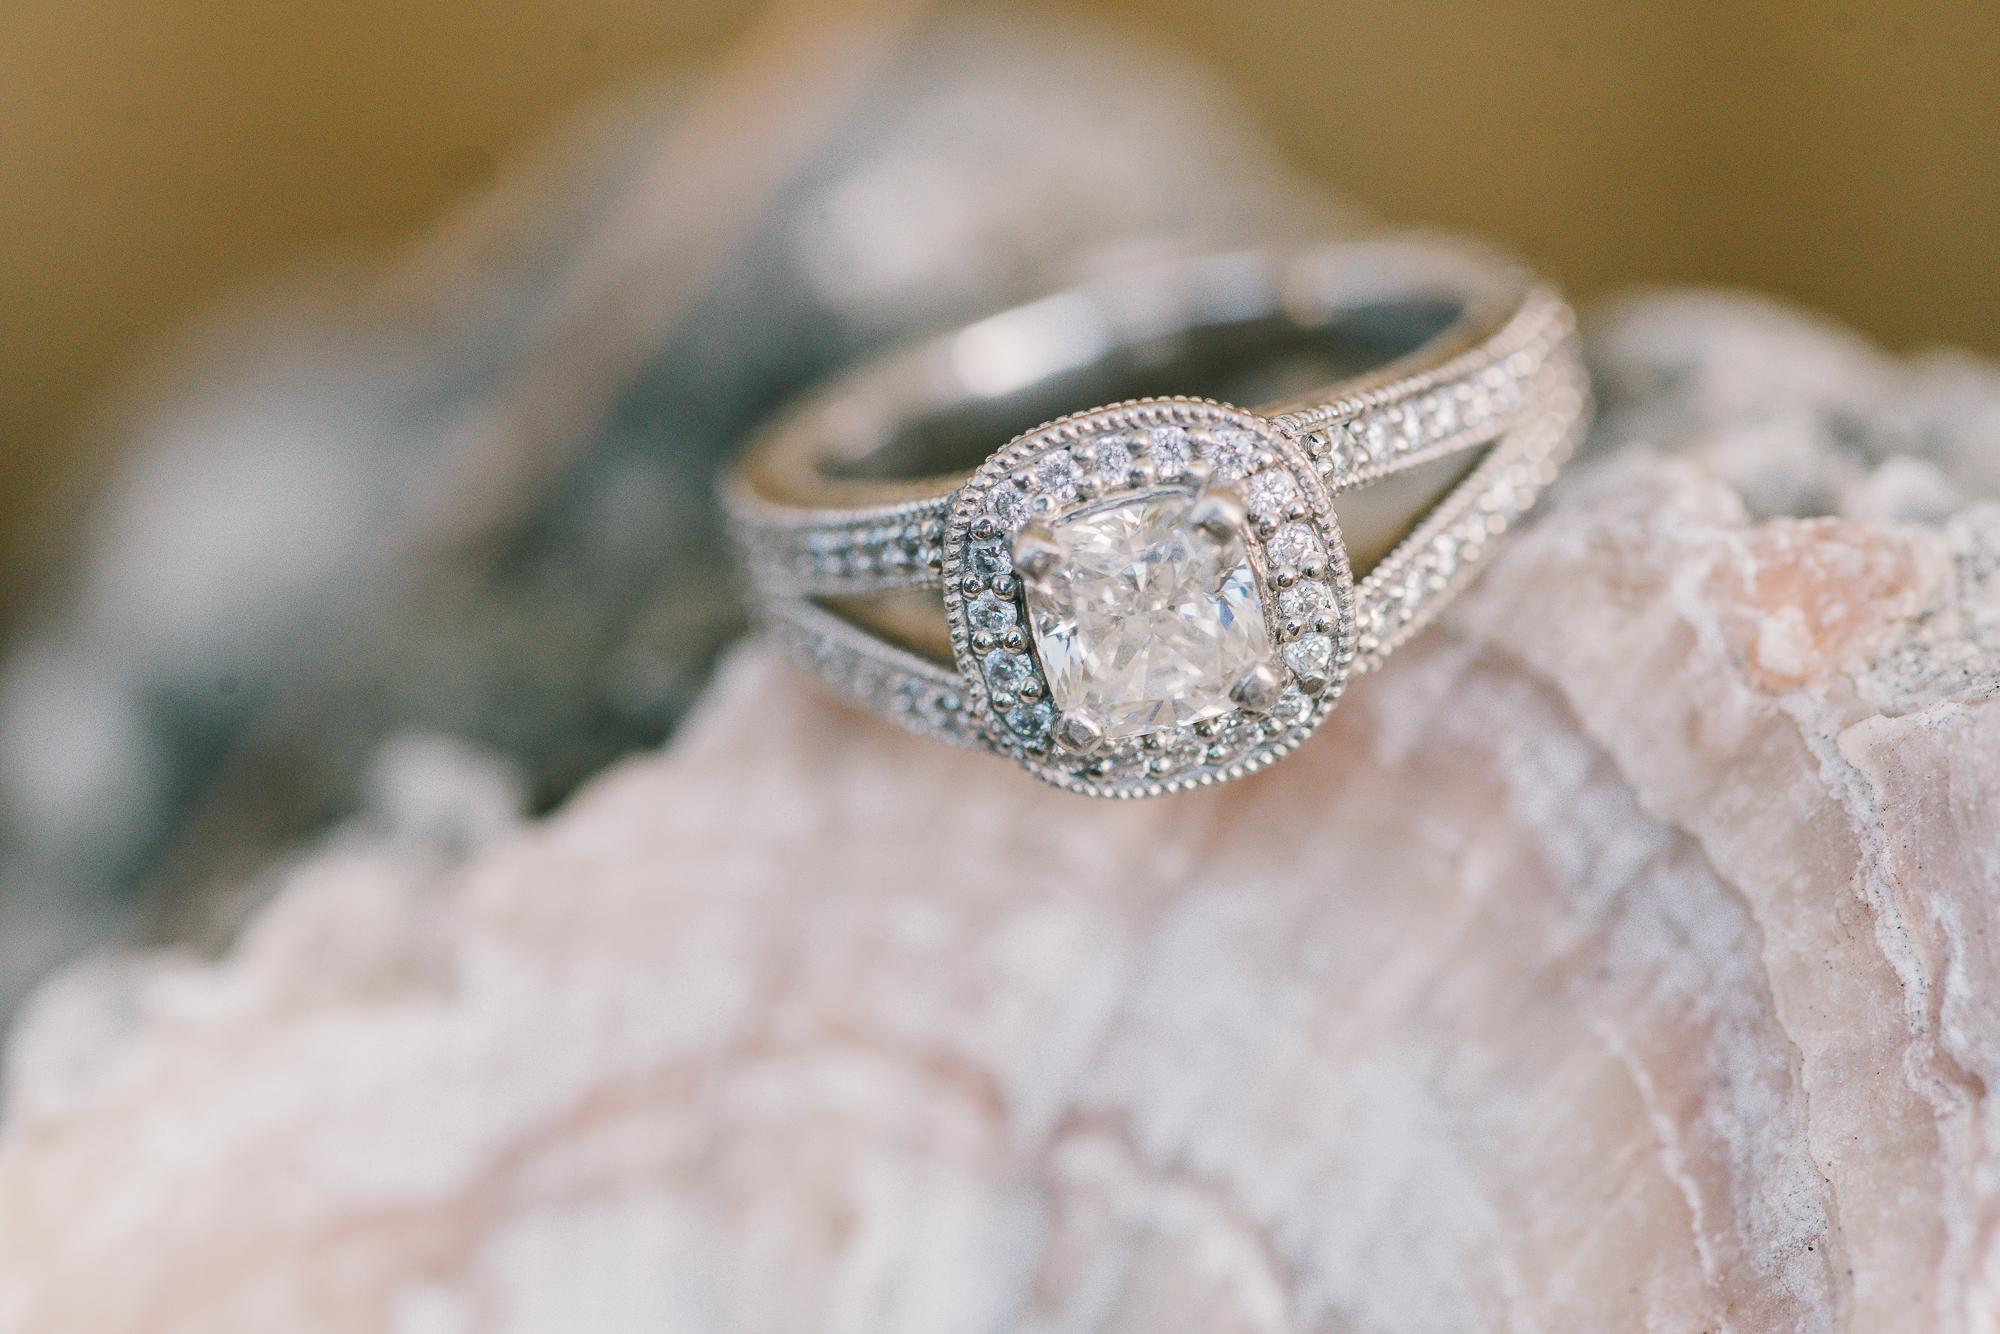 ring-shot, engagement-ring